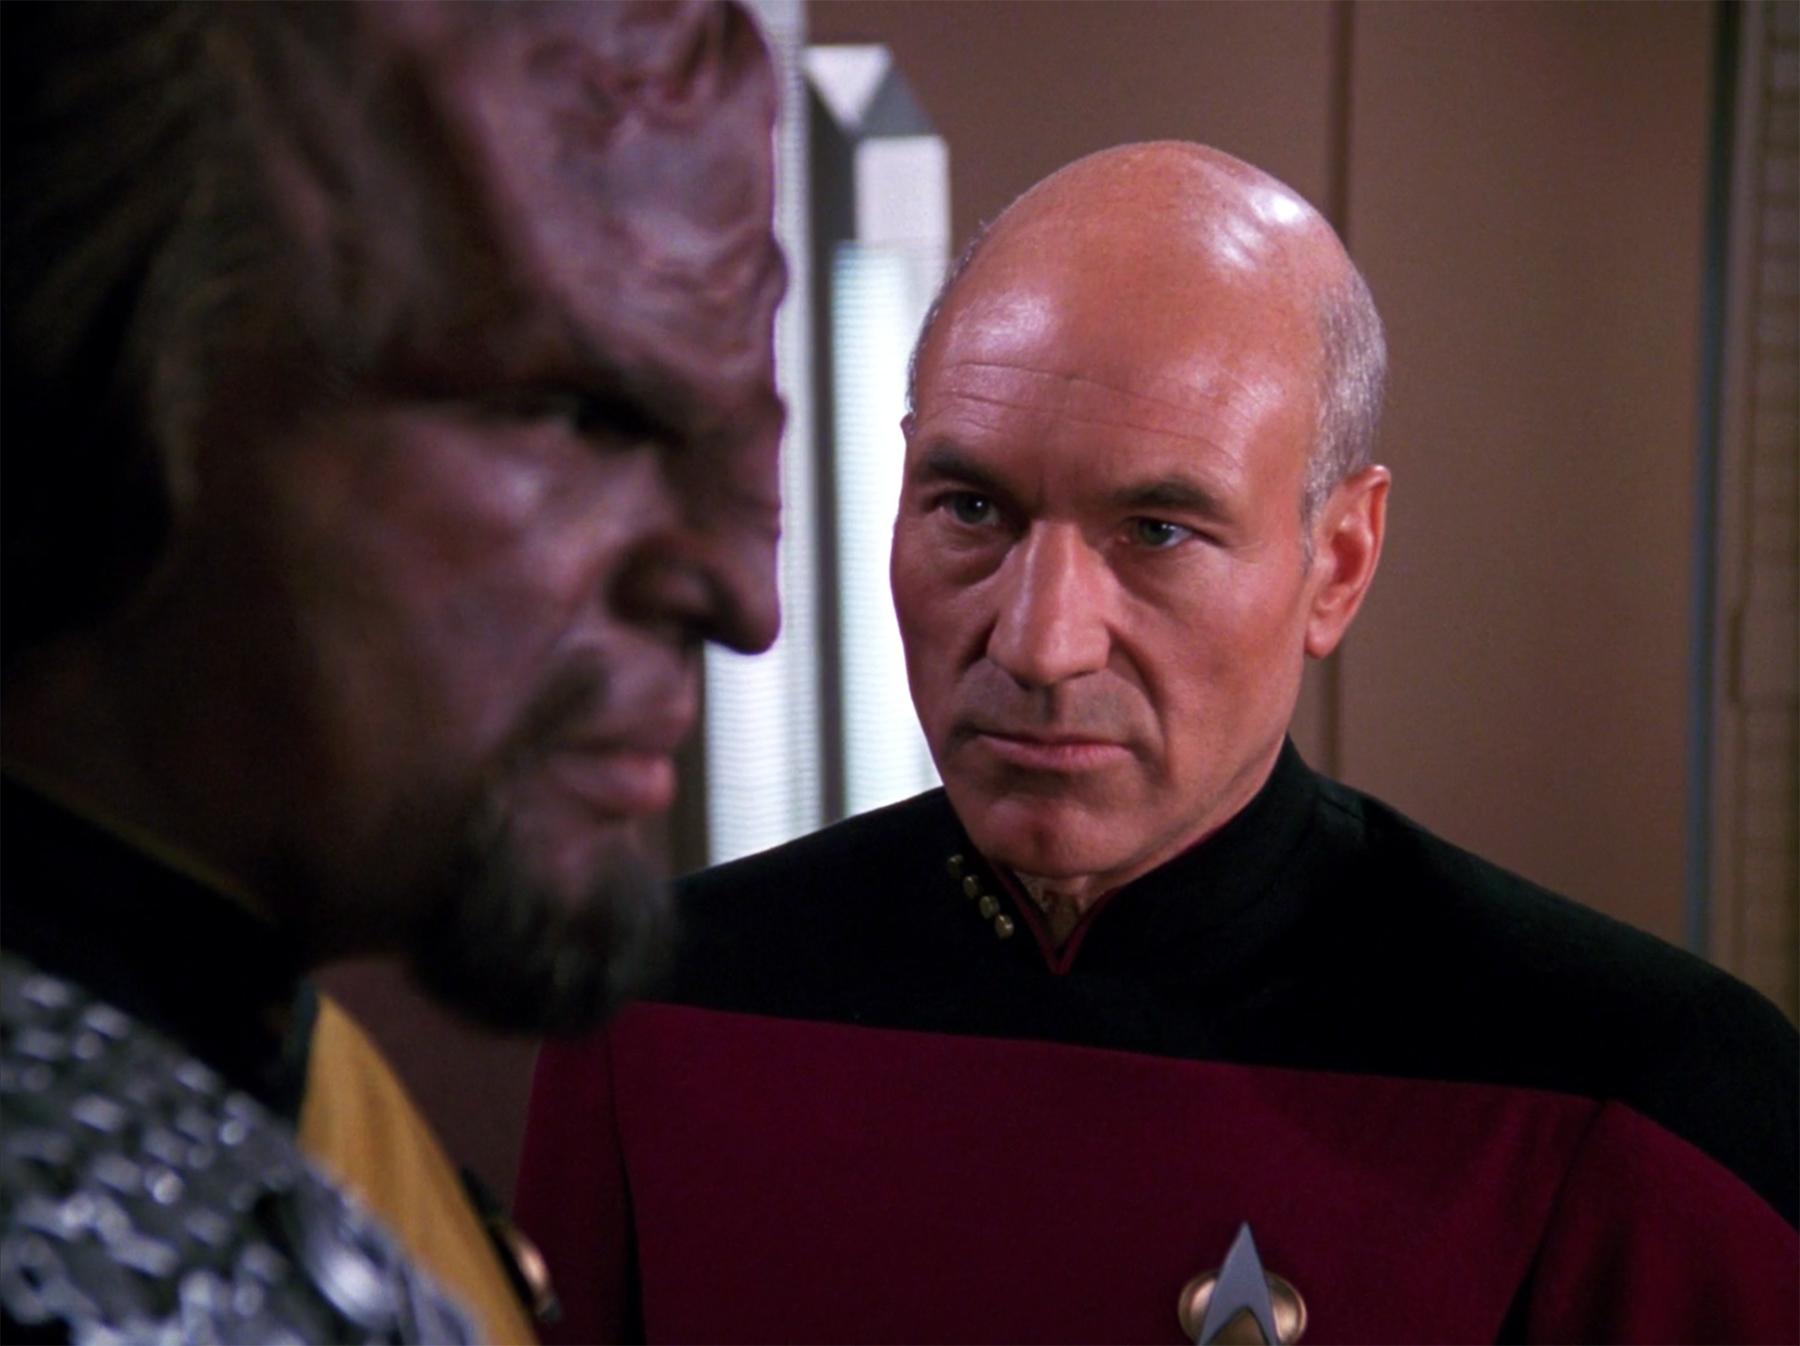 Wiele osób uważa, że za rolę Picarda Patrick Stewart powinien dostać nagrodę Emmy. A nie stało się to tylko dlatego, że Star Trek: Następne pokolenie to serial science-fiction / Fot. CBS